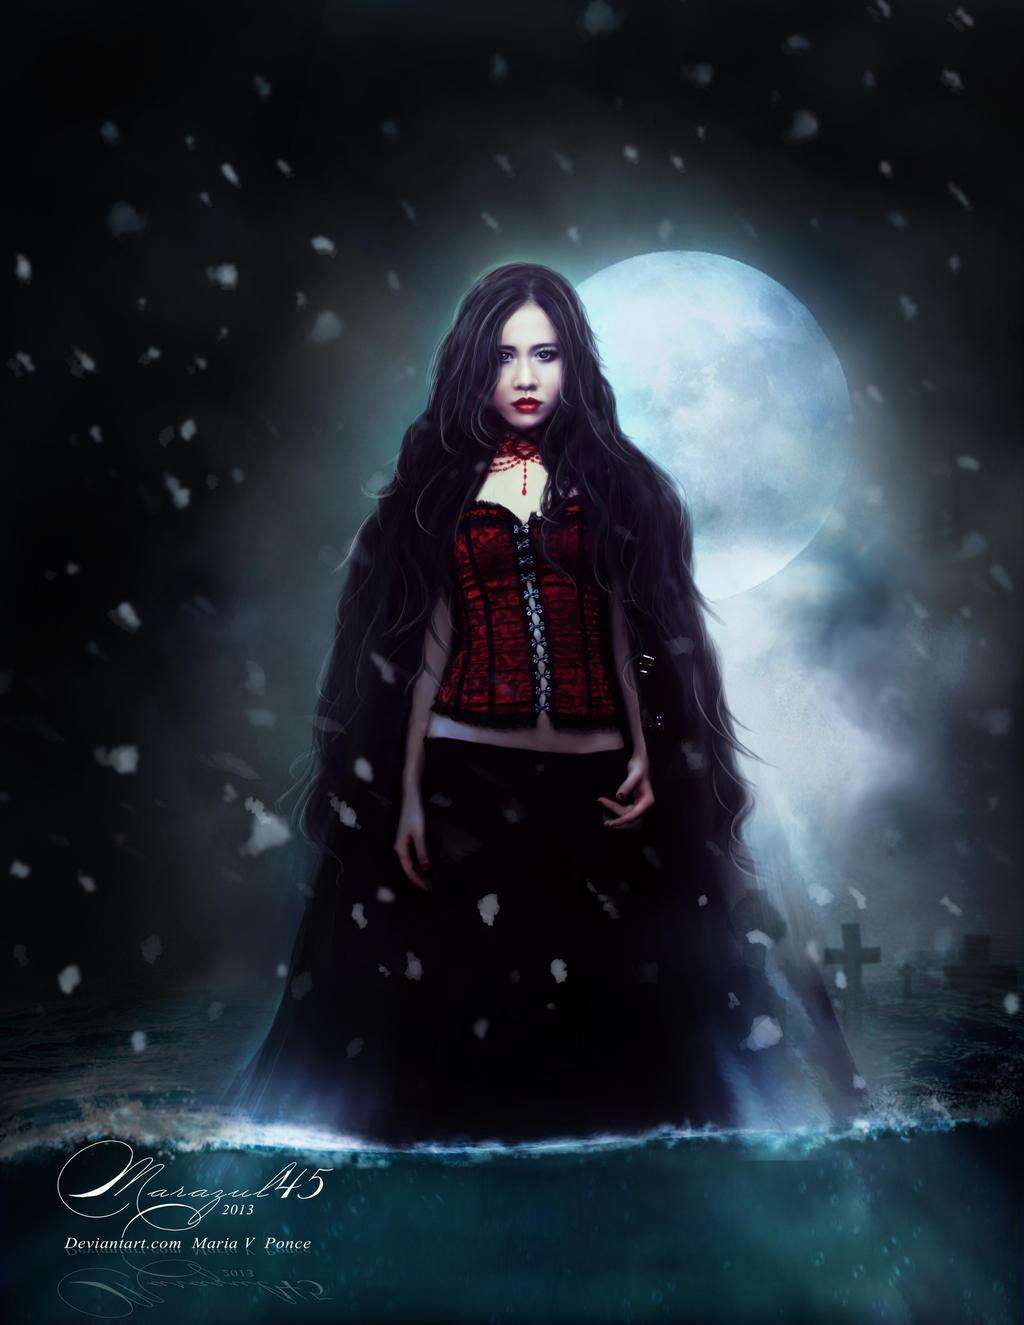 La dama de la noche invernal. by Marazul45